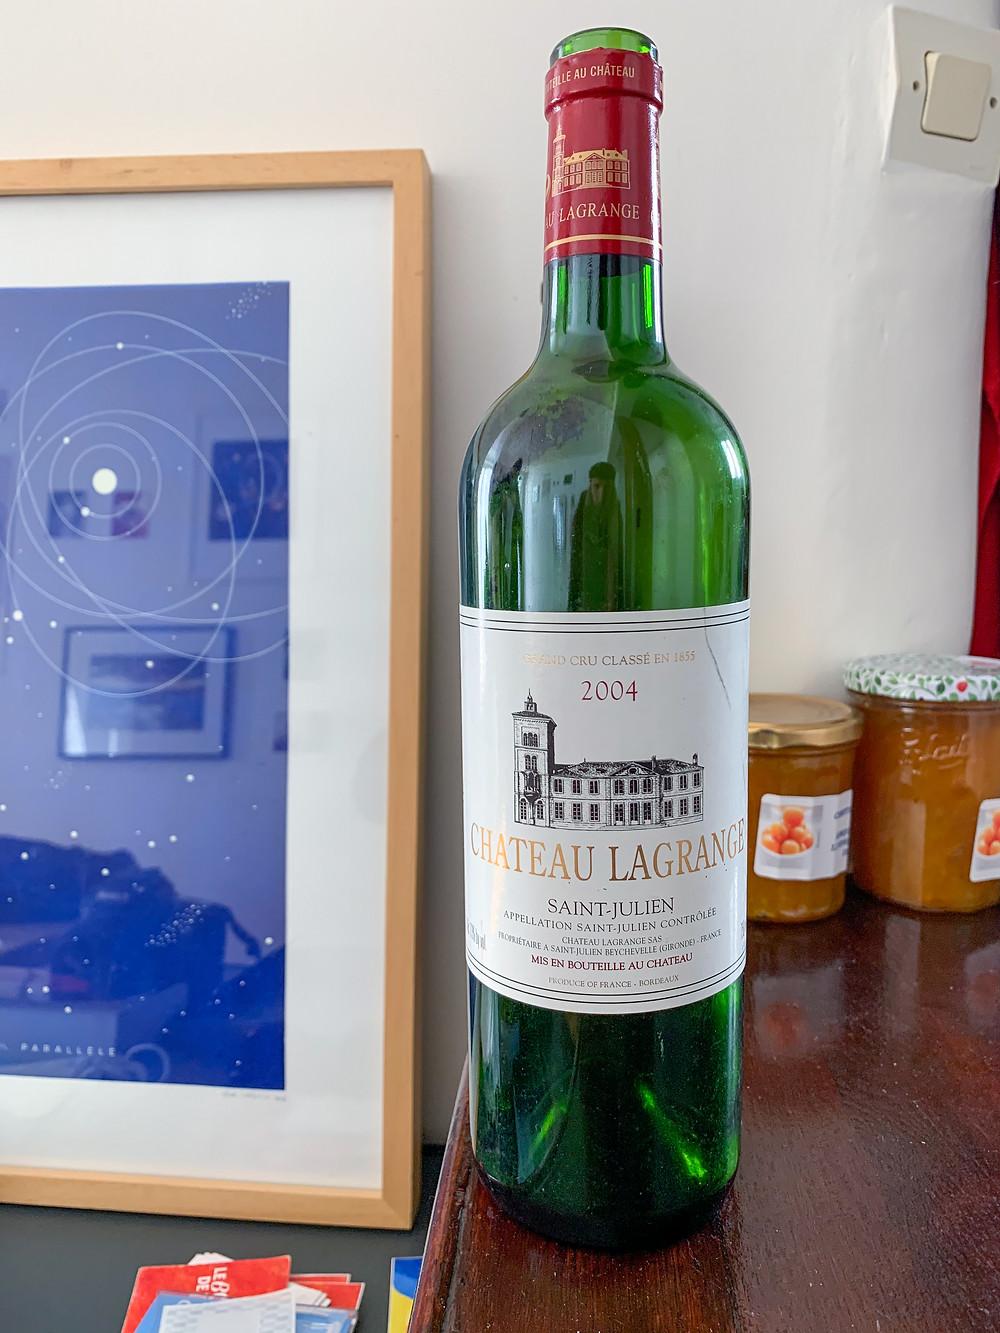 Bouteille vide de la cuvée 2004 du vin rouge Chateau Lagrange